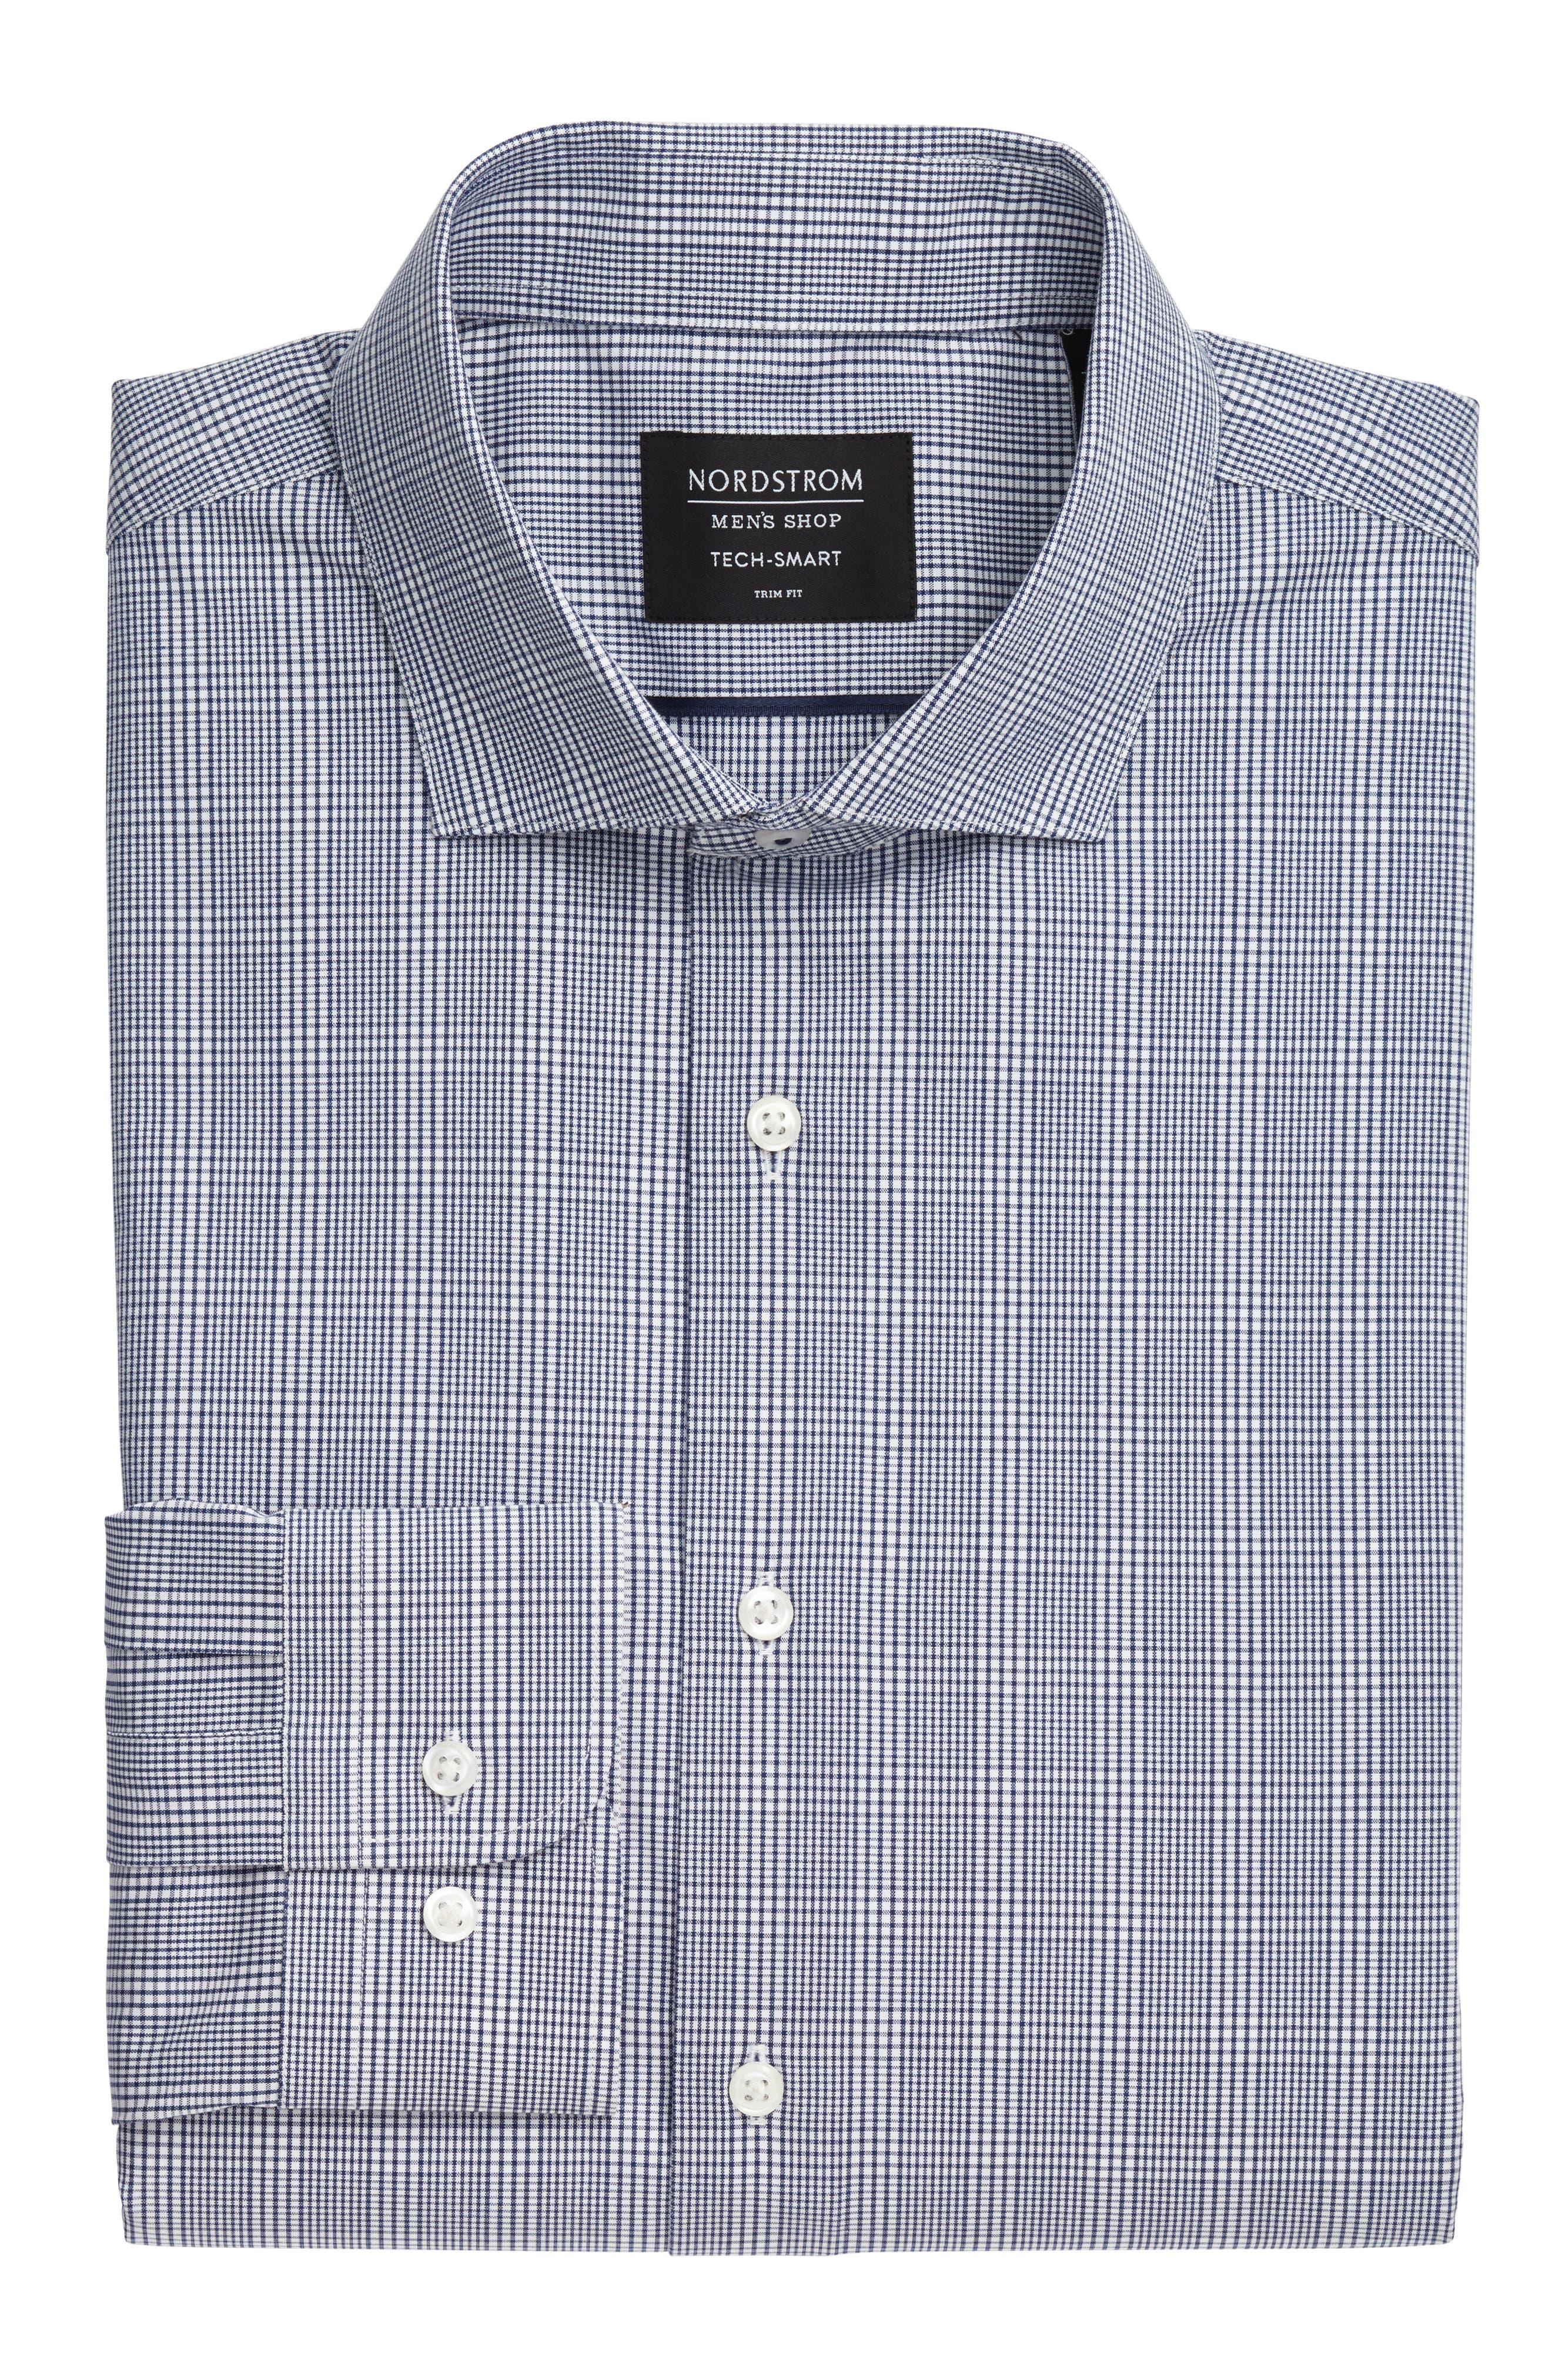 Nordstrom Men's Shop Tech-Smart Trim Fit Plaid Dress Shirt